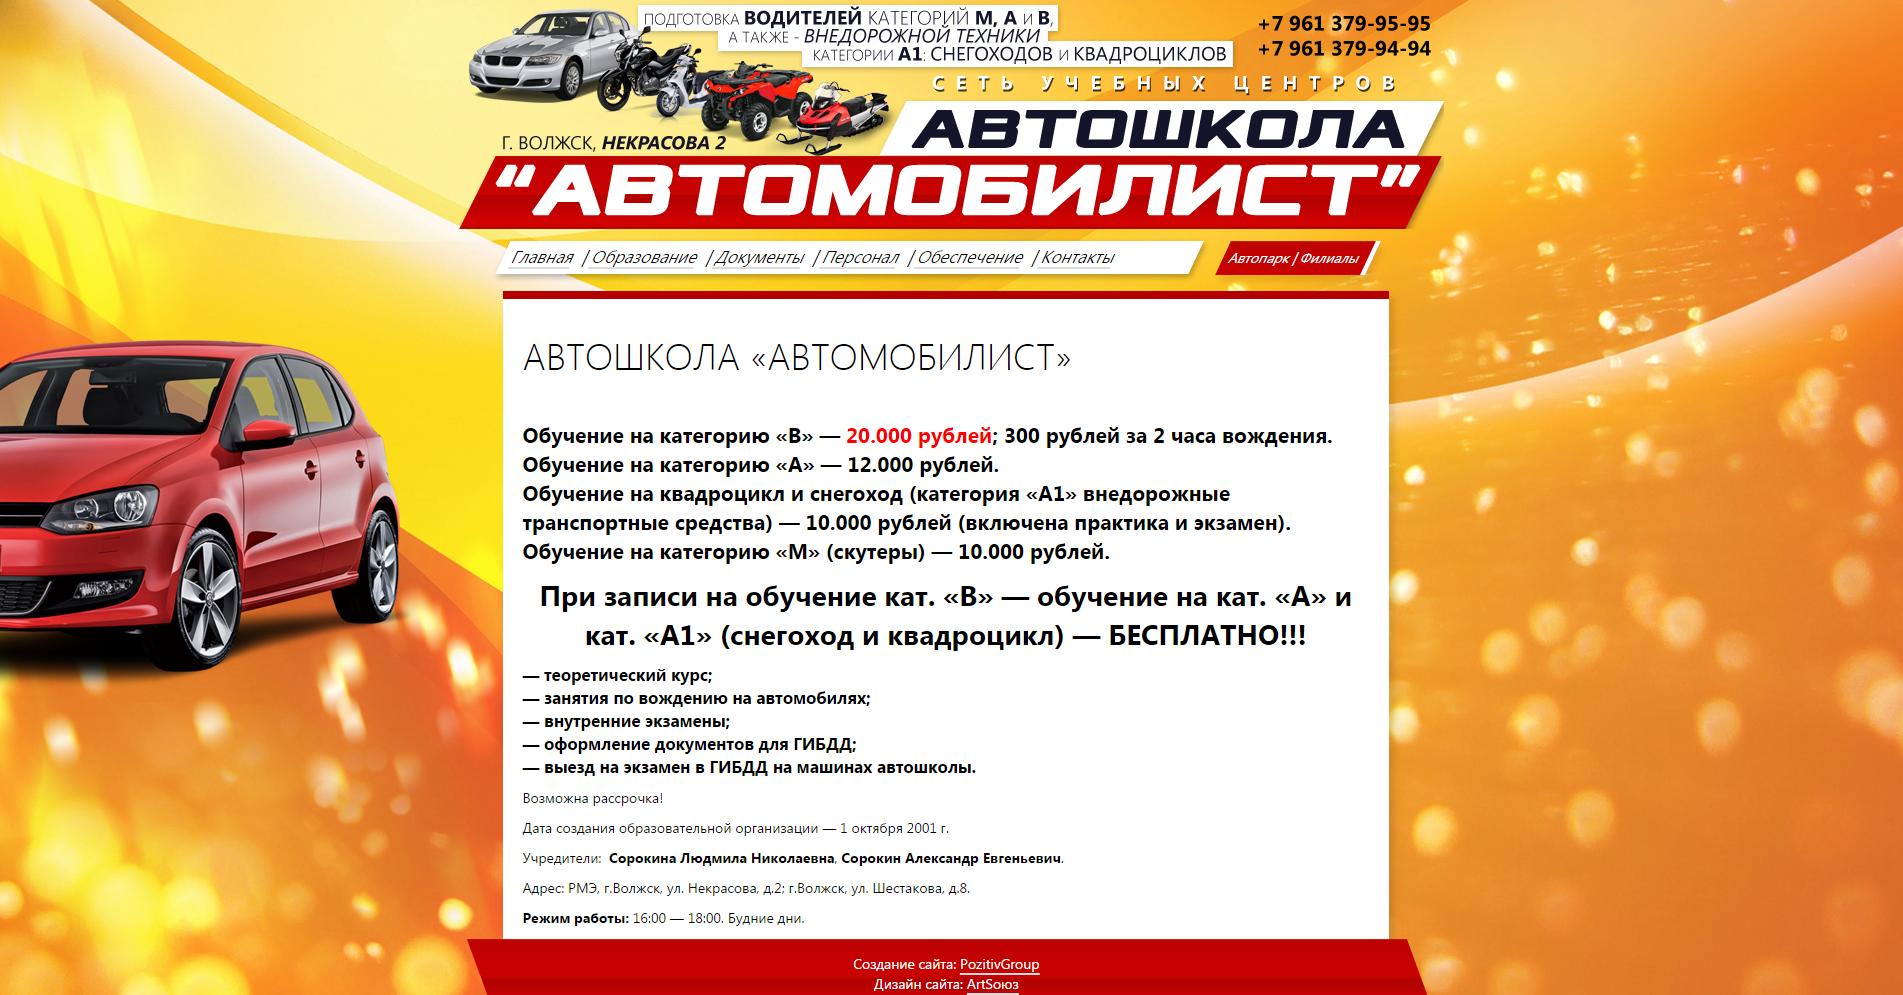 """Сайт """"Автомобилист"""" - Редизайн"""